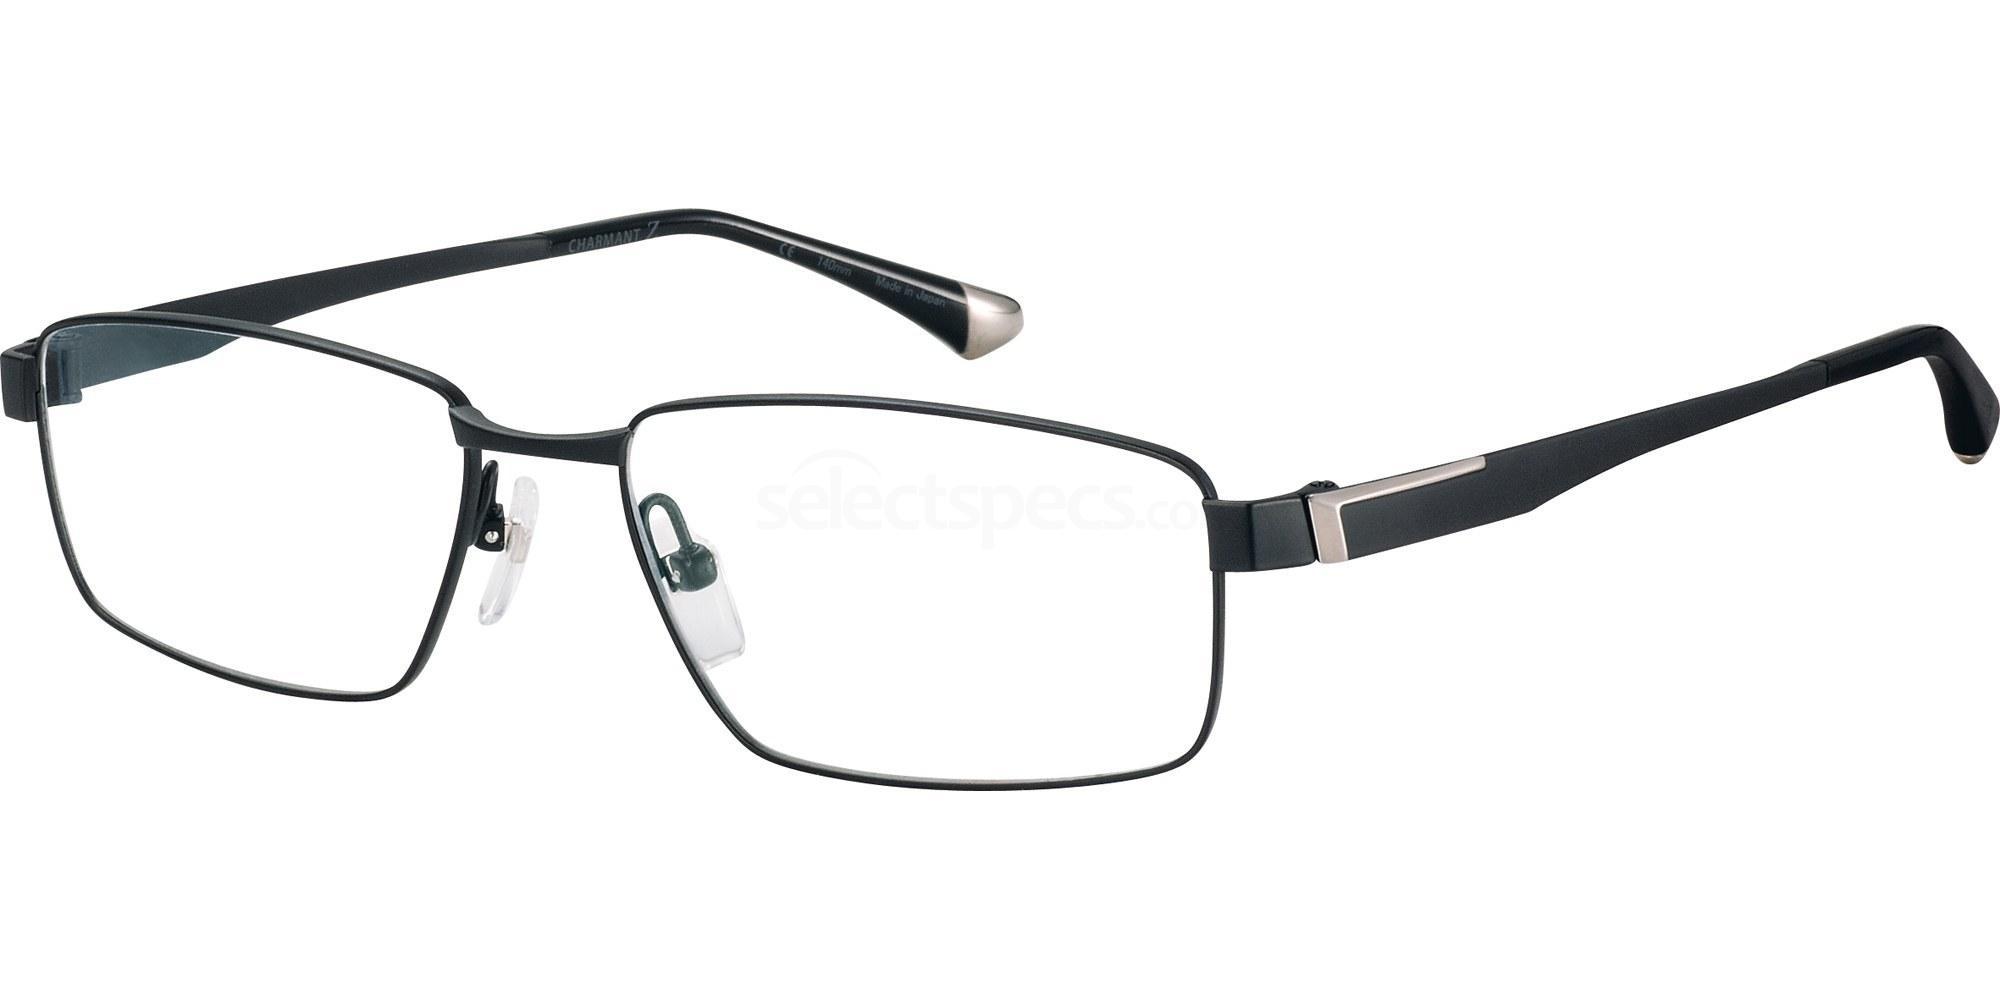 BK ZT19814 Glasses, Charmant Z